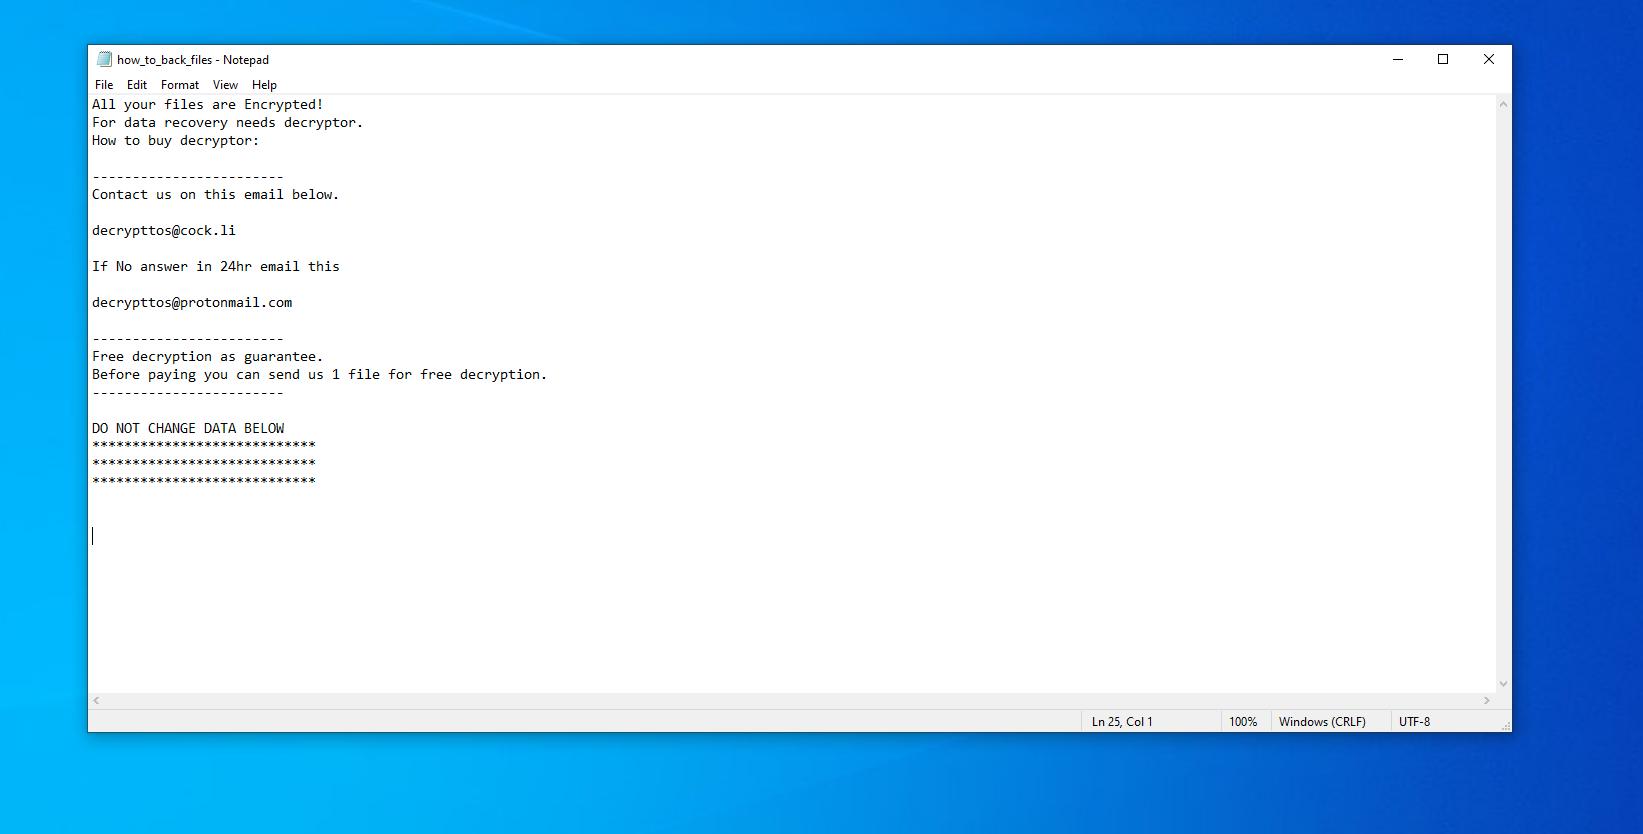 dcom ransomware